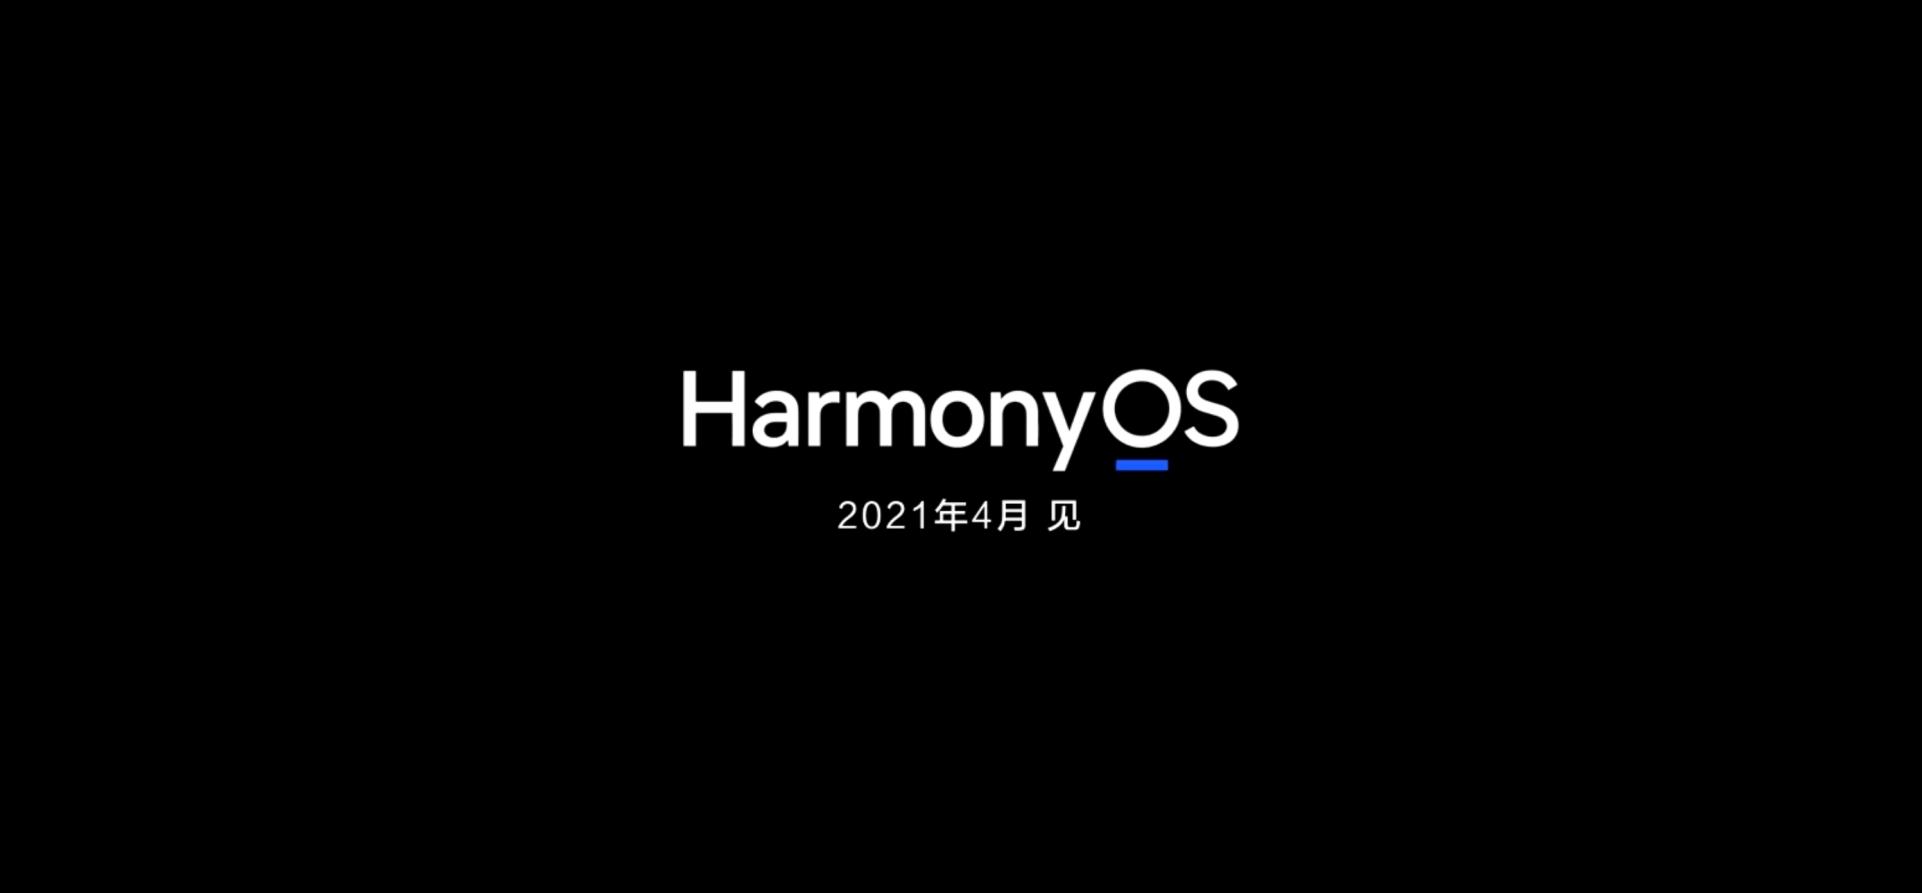 华为余承东:4月起华为旗舰手机可陆续升级HarmonyOS